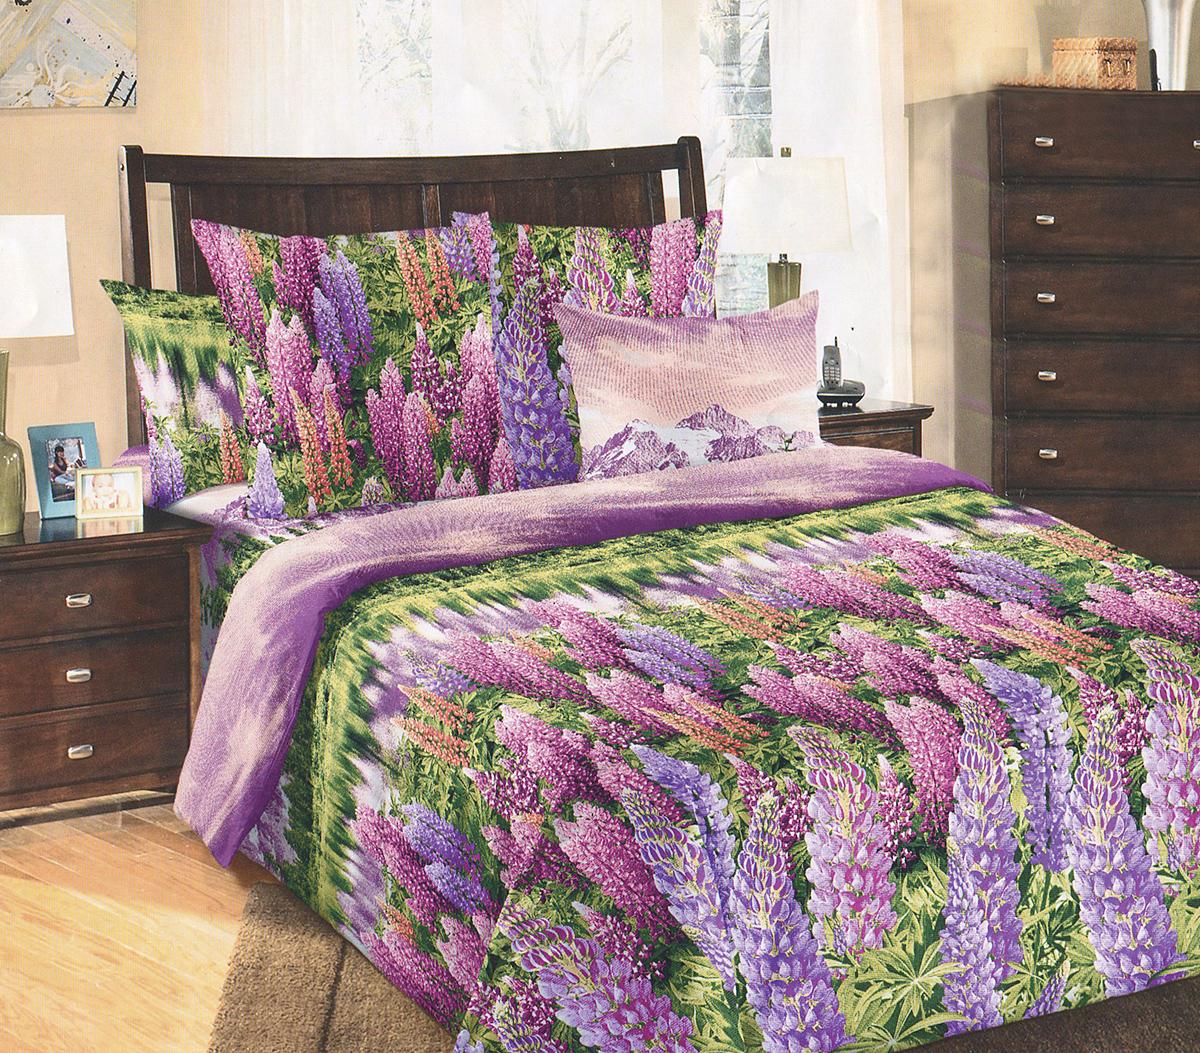 Комплект белья БеЛиссимо Люпины, 2-спальный, наволочки 70х70, цвет: сиреневый, фиолетовый, зеленыйK100Комплект постельного белья БеЛиссимо Люпины является экологически безопасным для всей семьи, так как выполнен из натурального хлопка. Комплект состоит из пододеяльника, простыни и двух наволочек. Постельное белье оформлено оригинальным цветочным 3D рисунком и имеет изысканный внешний вид.Для производства постельного белья используются экологичные ткани высочайшего качества.Бязь - хлопчатобумажная плотная ткань полотняного переплетения. Отличается прочностью и стойкостью к многочисленным стиркам. Бязь считается одной из наиболее подходящих тканей, для производства постельного белья и пользуется в России большим спросом.Коллекция эксклюзивных дизайнов БеЛиссимо - это яркое настроение интерьера вашей спальни. Натуральная ткань (бязь, 100% хлопок) и отличный пошив комплектов - залог вашего комфортного здорового сна.